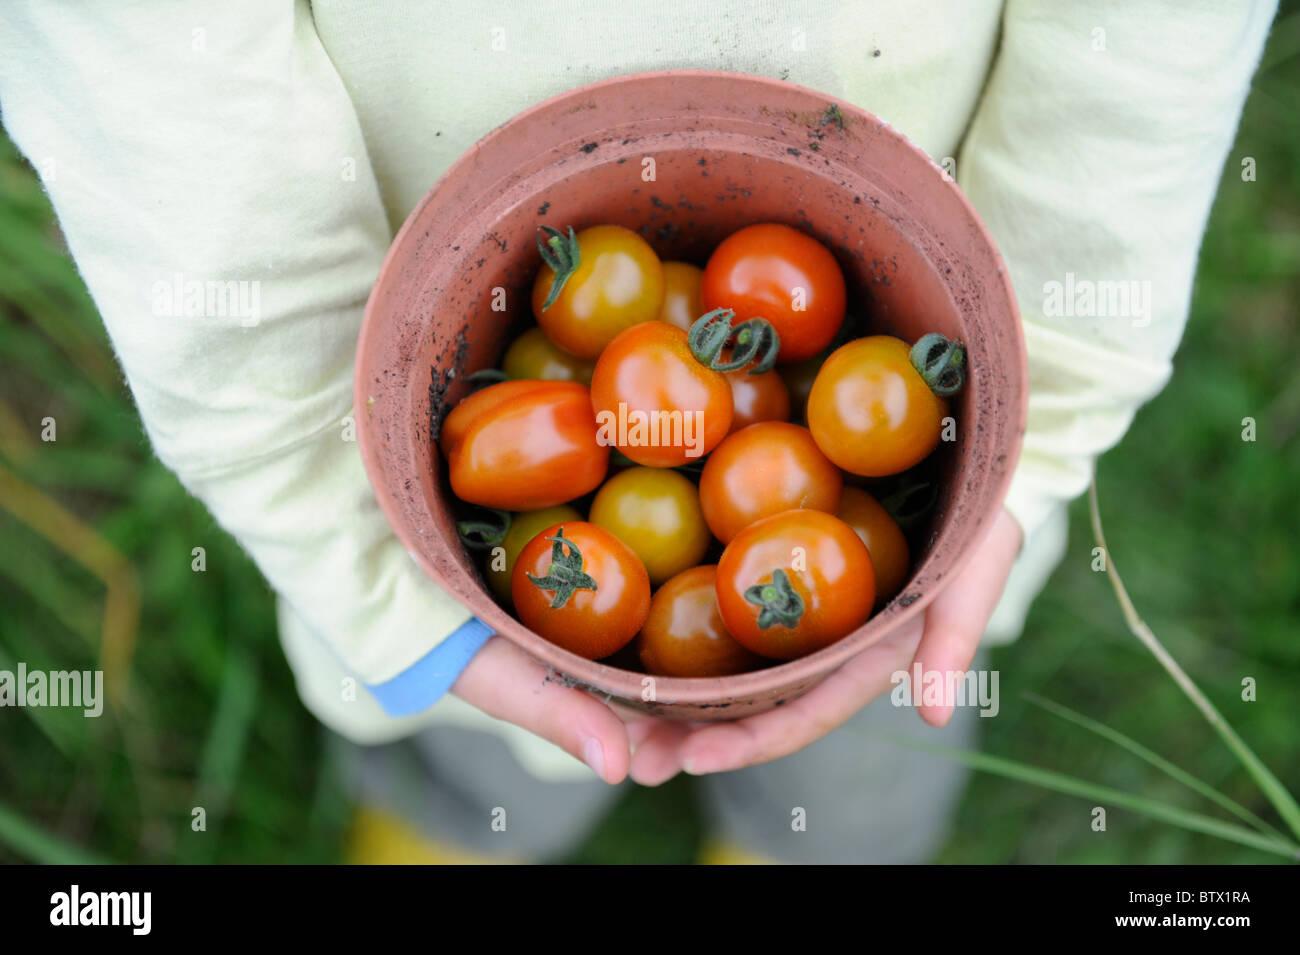 Nouveau pot de tomates cueillies Photo Stock